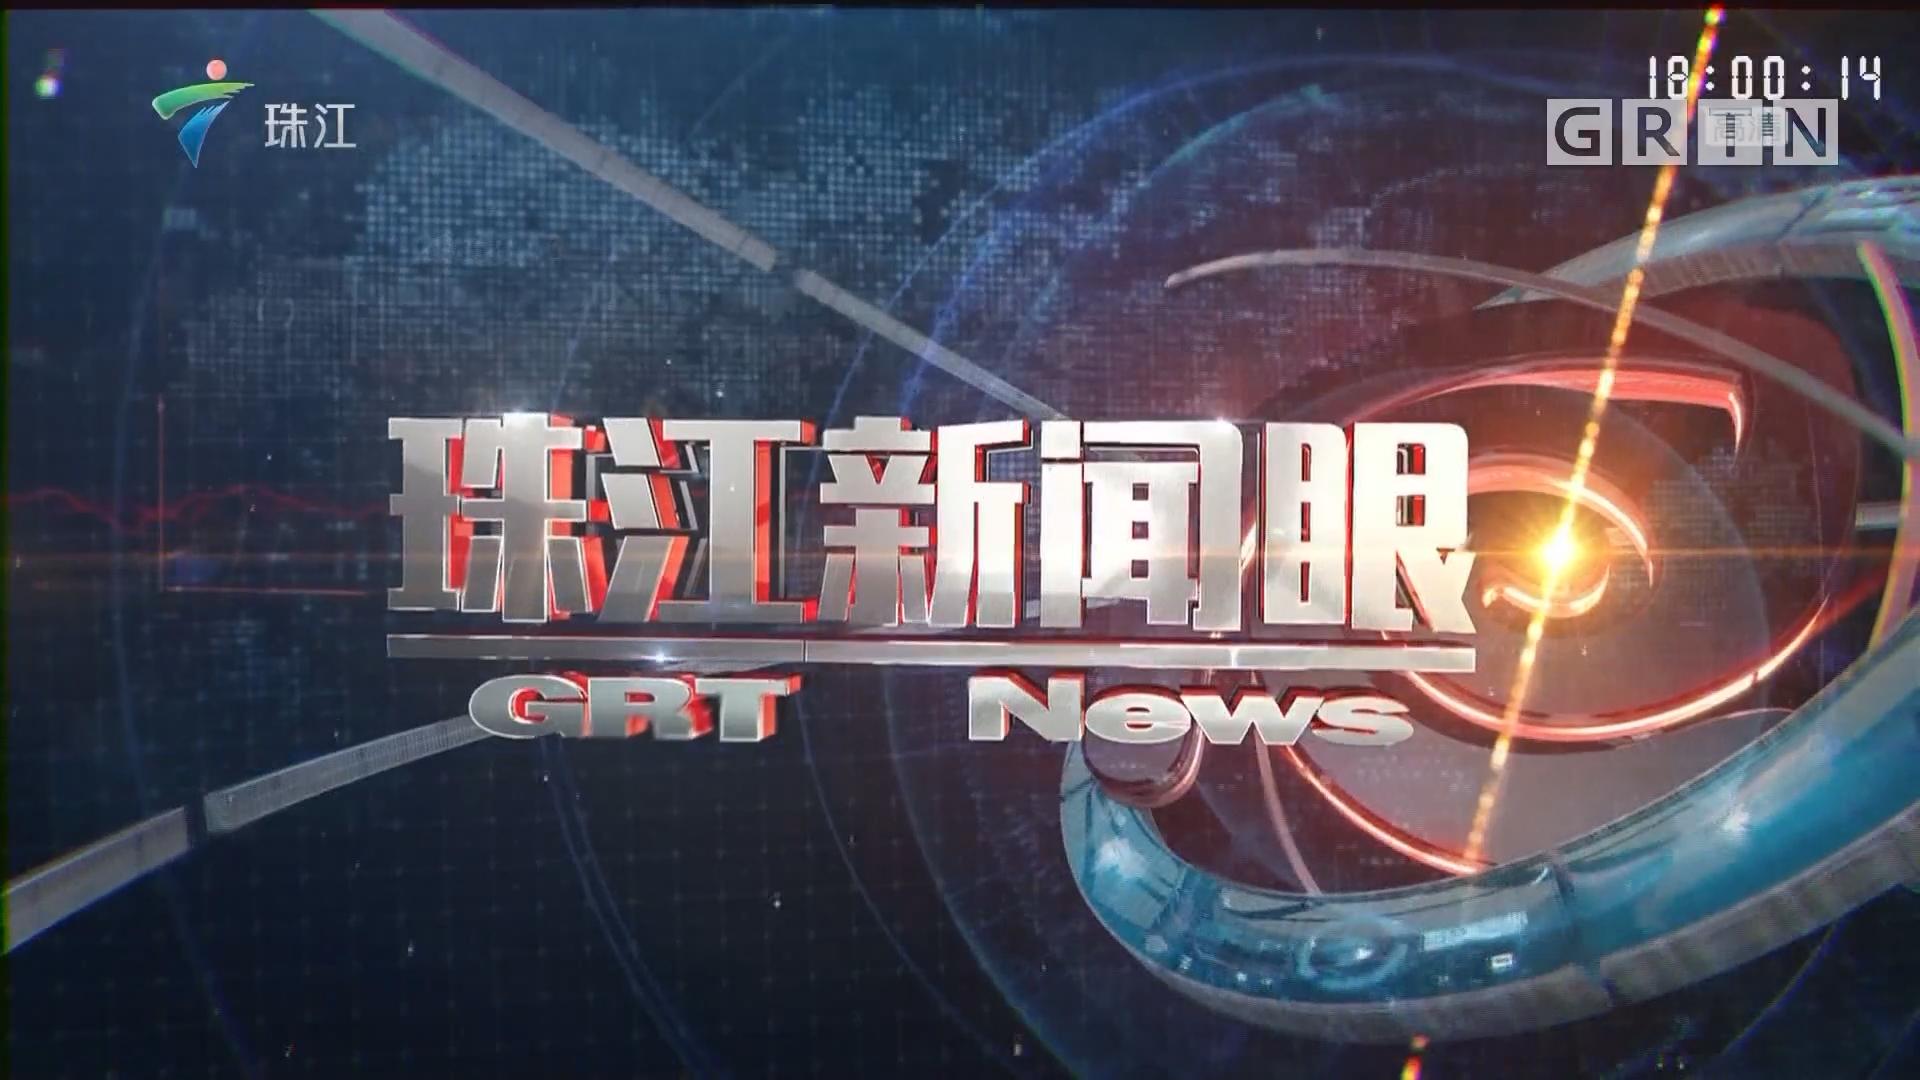 [HD][2019-09-18]珠江新闻眼:冰墩墩:广州水土孕育 自带创新精神